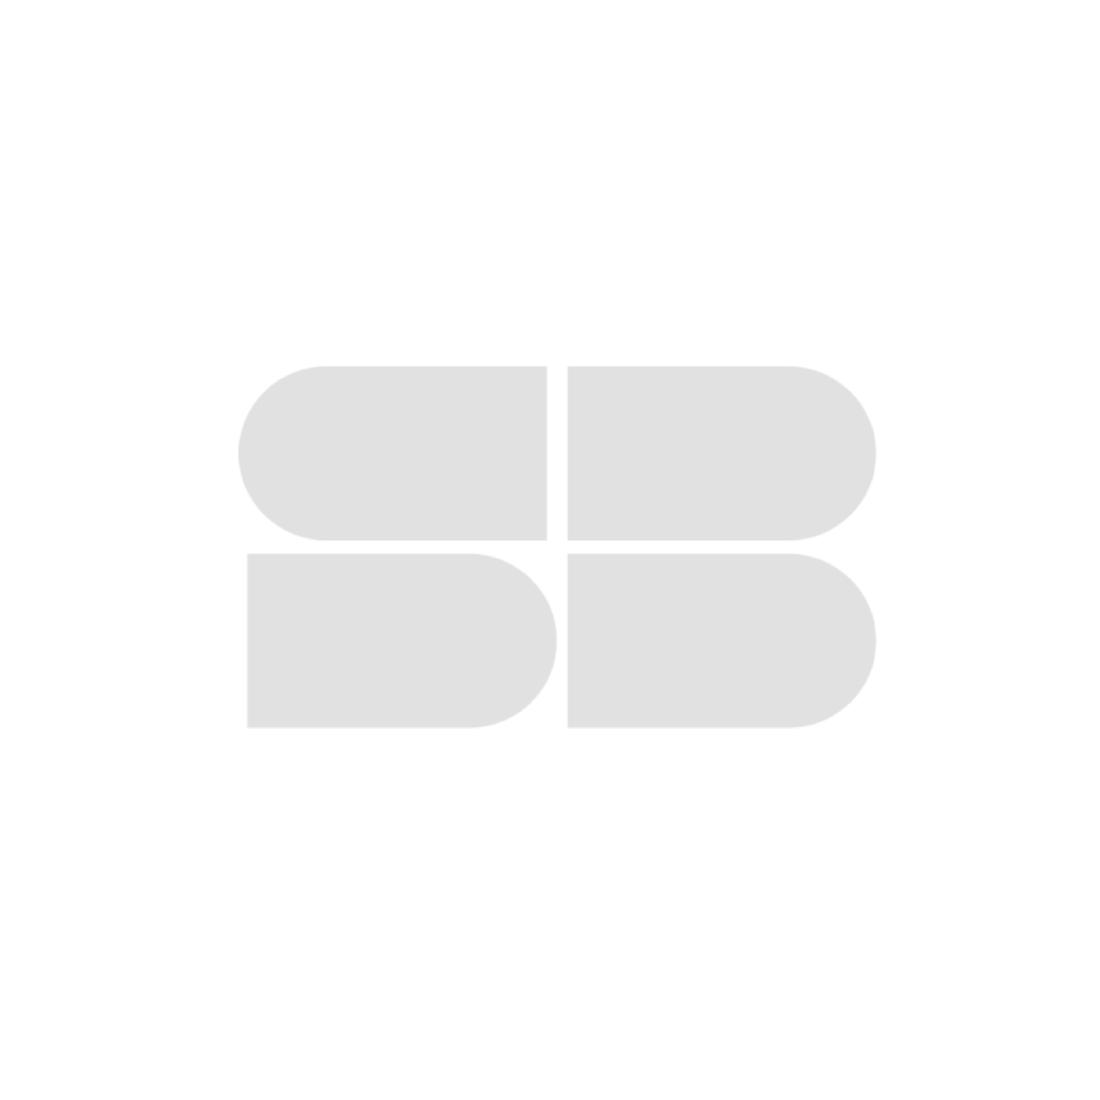 เก้าอี้ทานอาหาร เก้าอี้เหล็กเบาะผ้า รุ่น Yobo สีสีเทา-SB Design Square